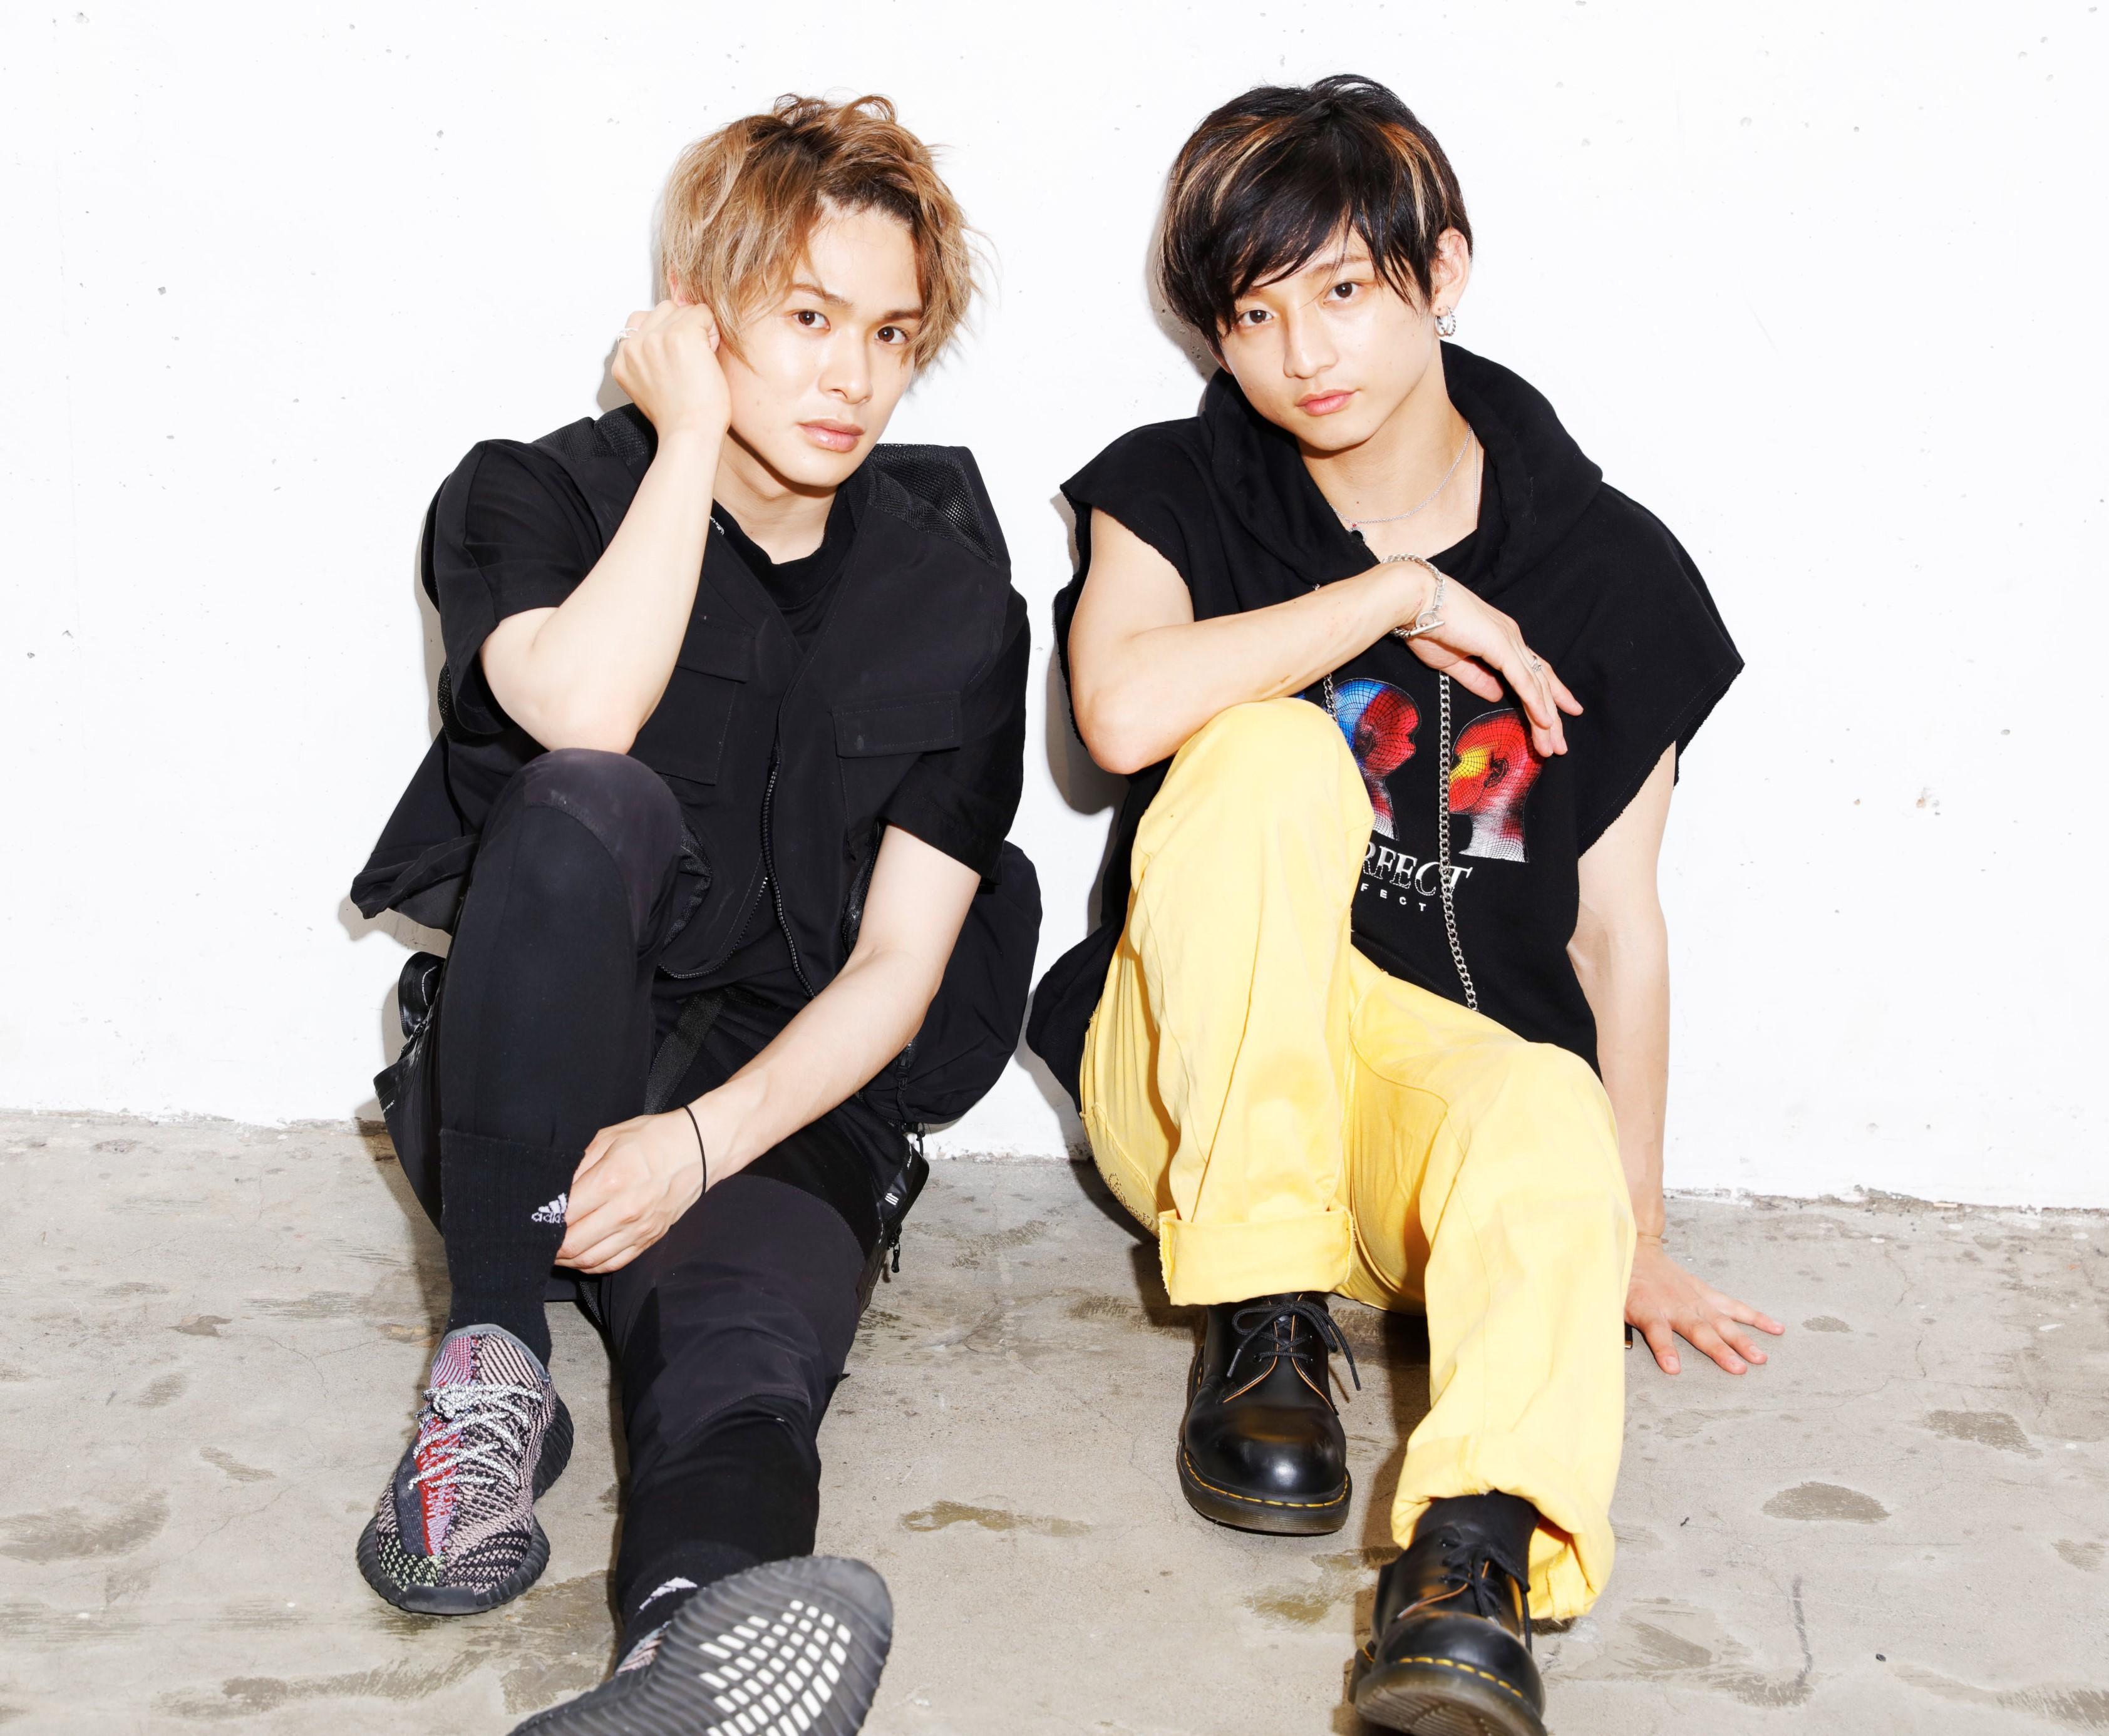 イベントタイトル:8/13(木)Footloopミニライブ&特典会